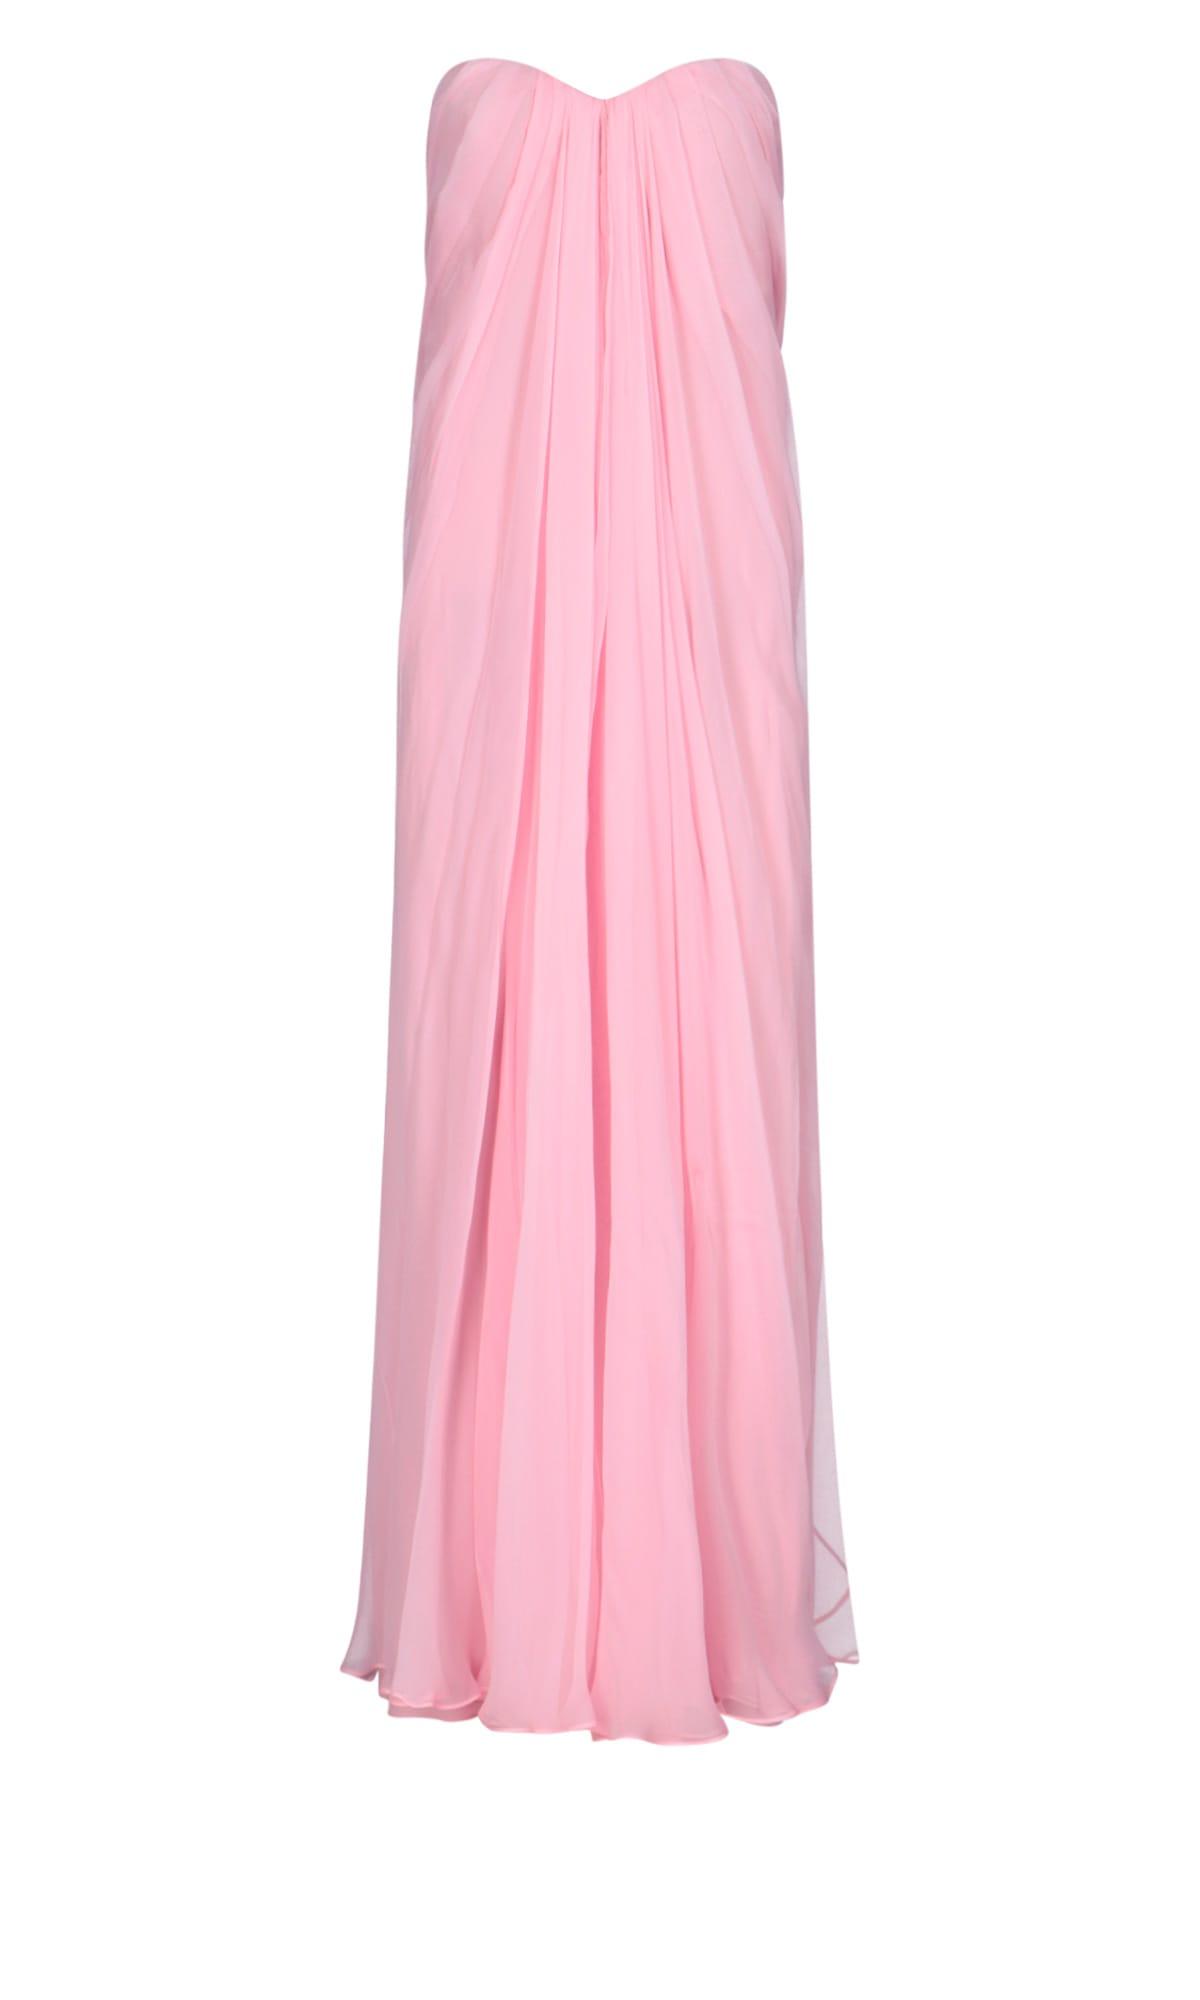 Alexander Mcqueen Dress In Pink